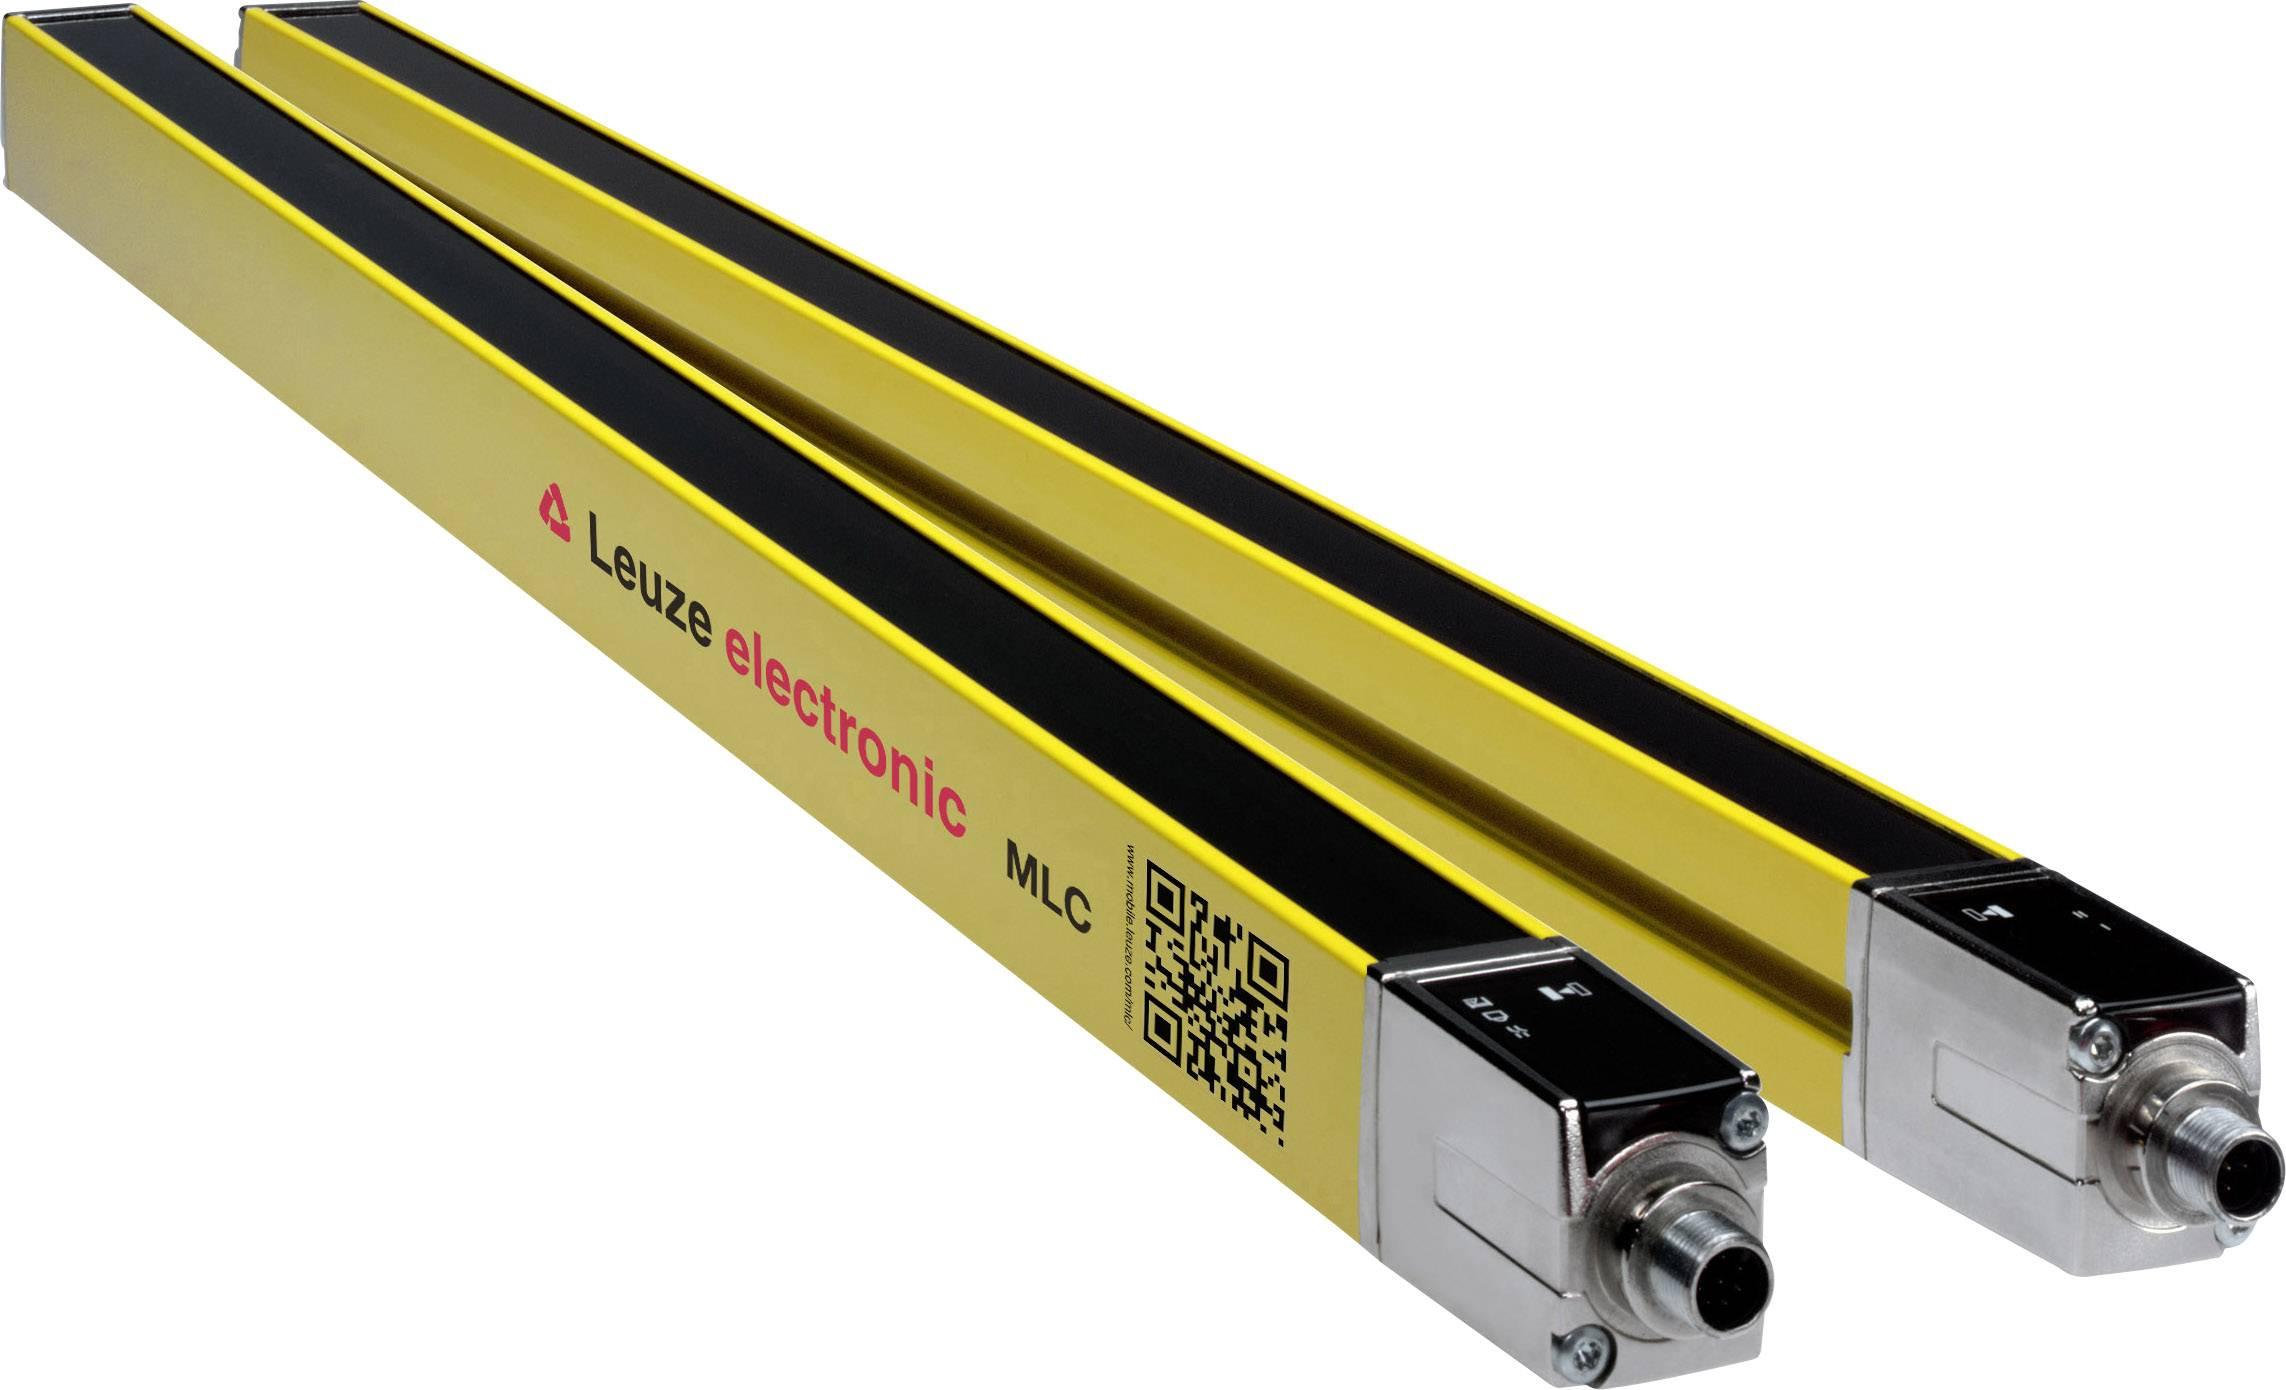 Přijímač pro bezpečnostní světelnou závoru Leuze Electronic MLC510R14-900 68001109